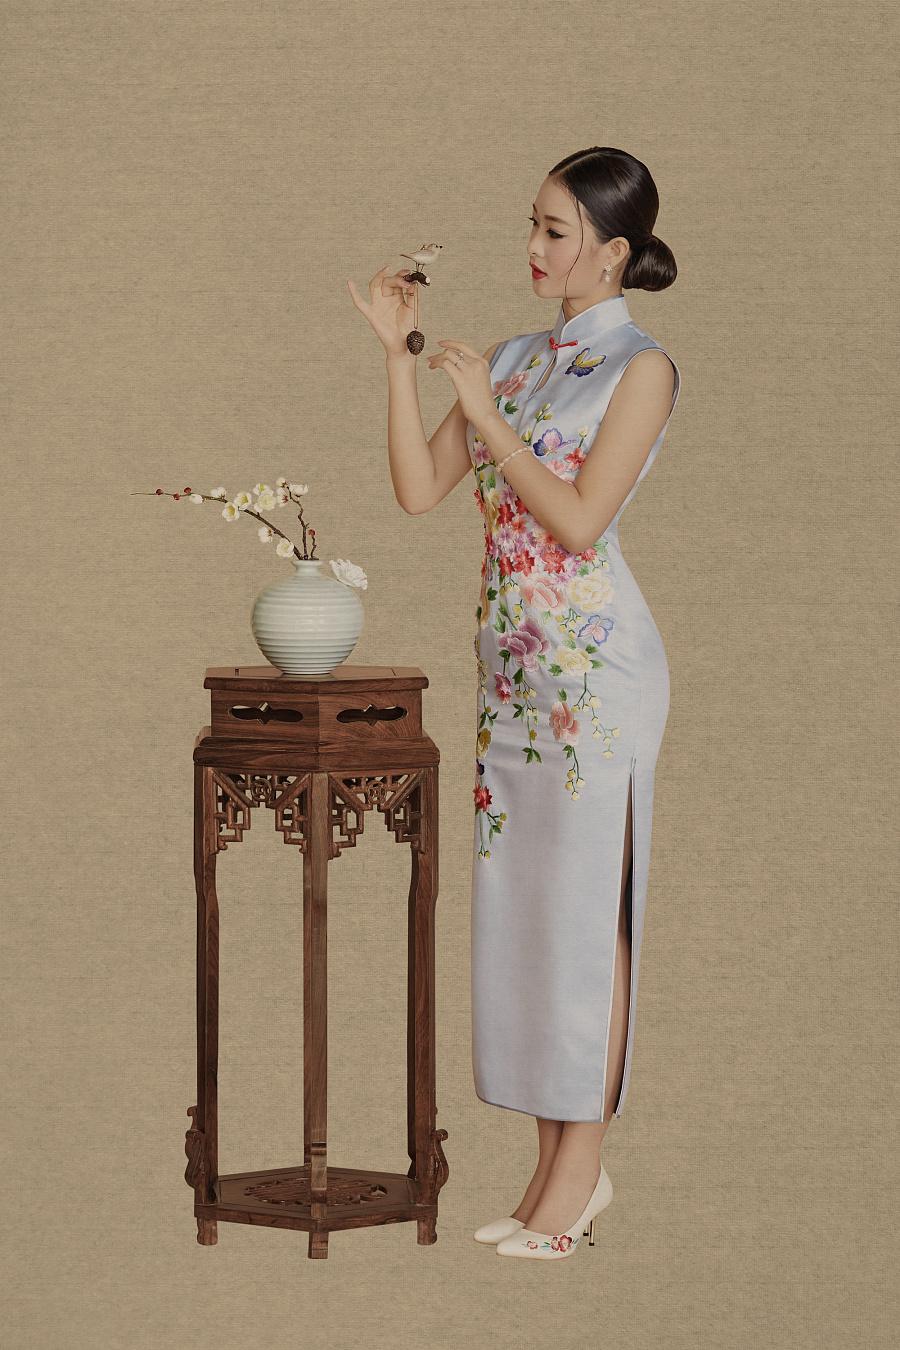 晚礼服发型_旗袍艺术人生:旗袍礼服-中国风-新文人画摄影- 中国风